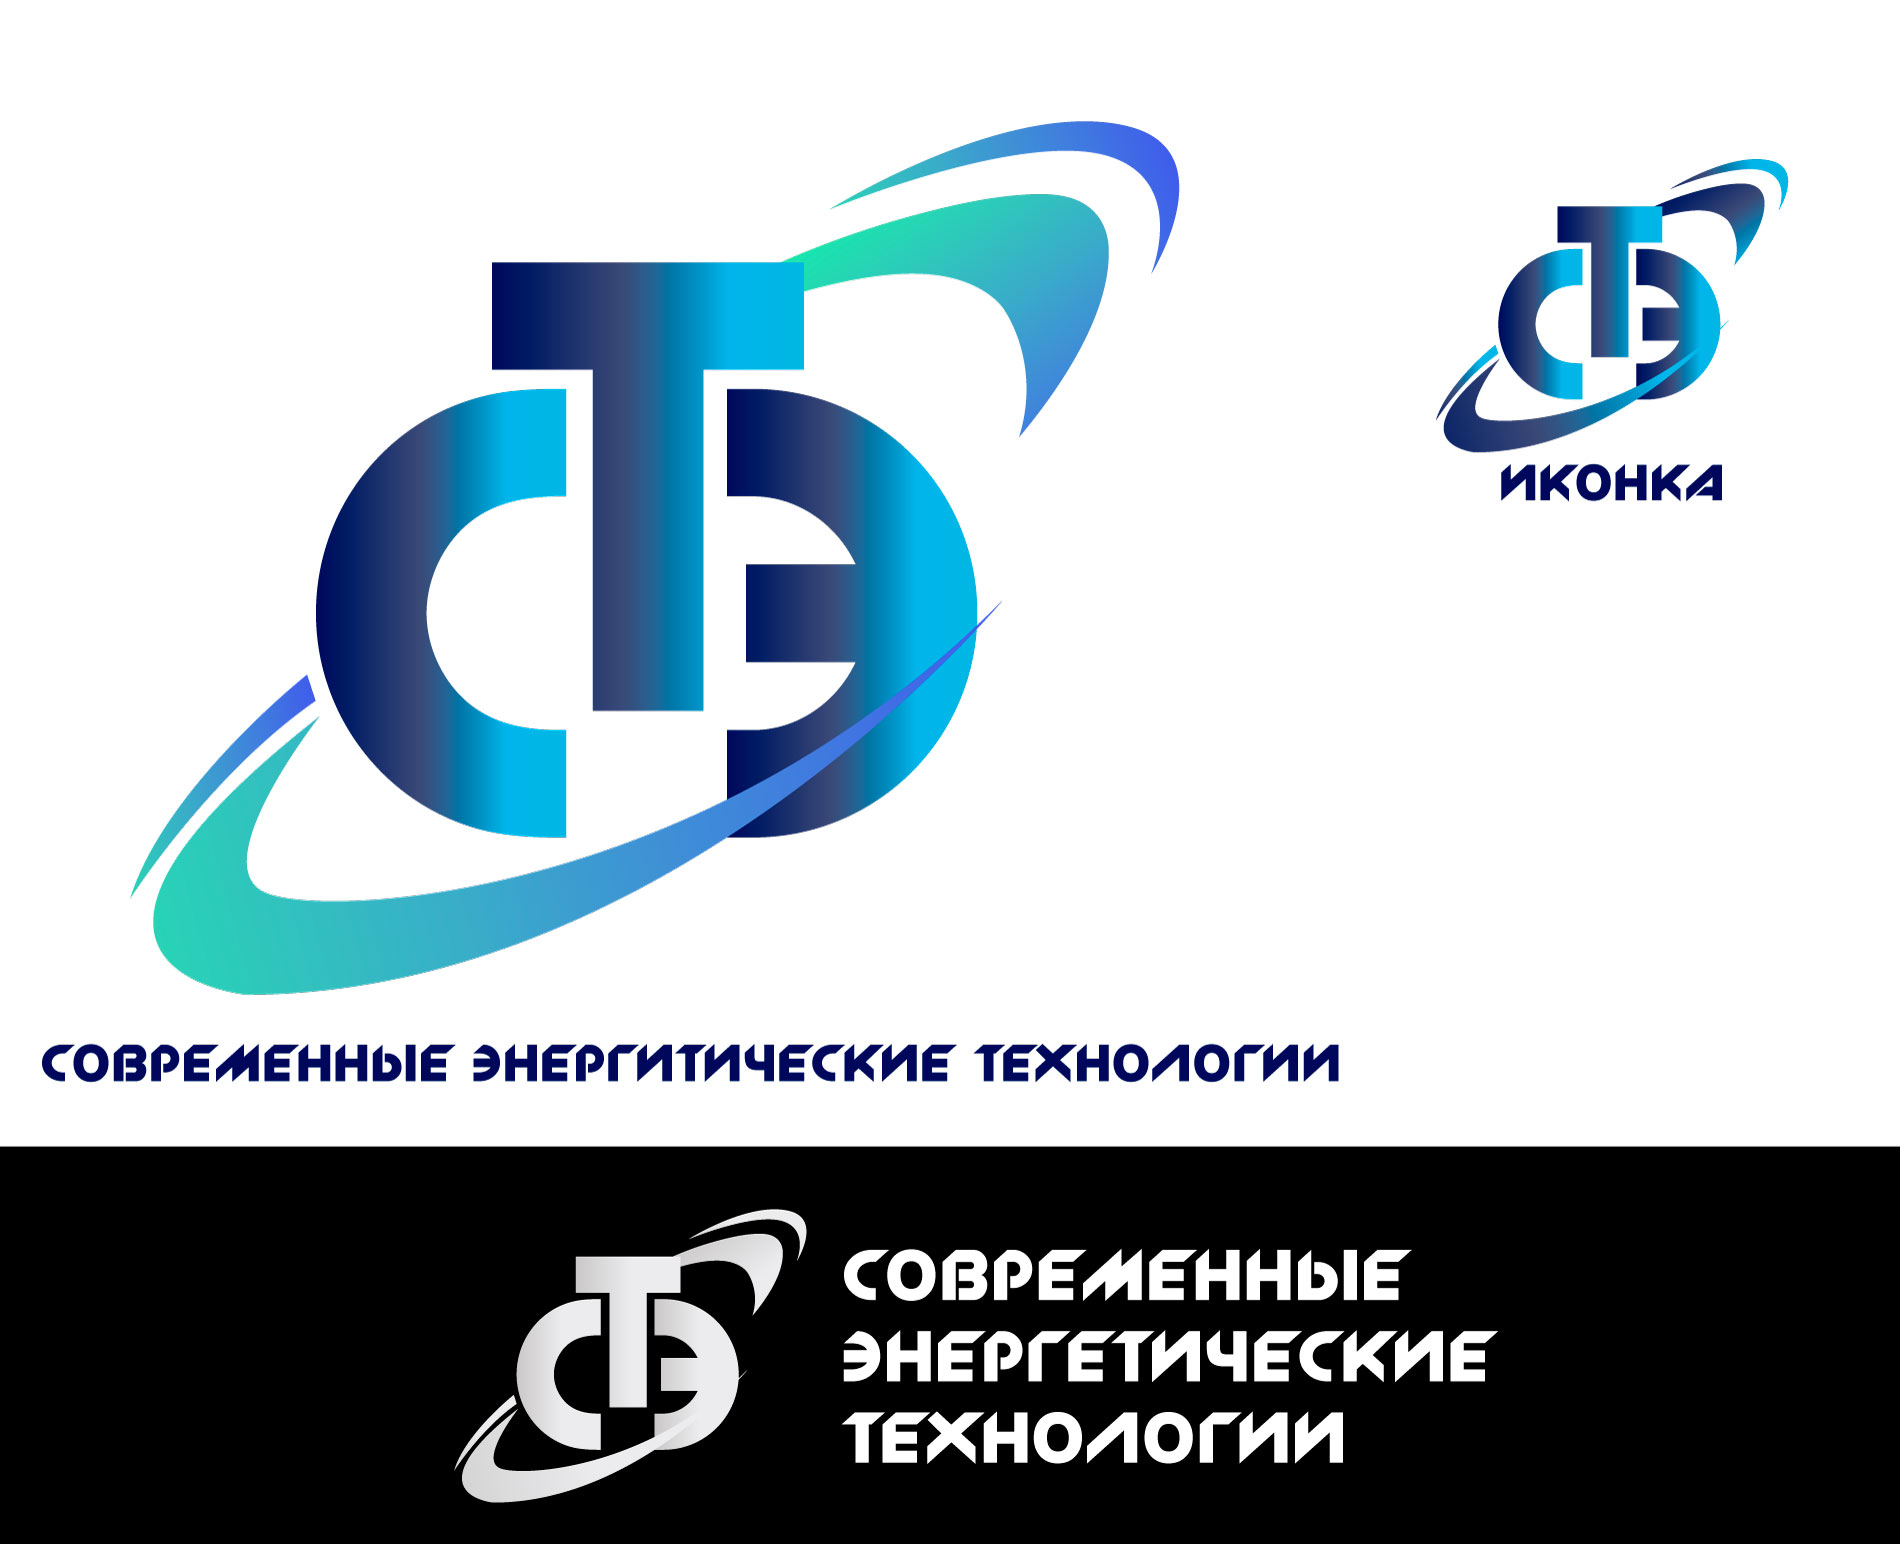 Срочно! Дизайн логотипа ООО «СЭТ» фото f_0315d4f30fa8763d.jpg